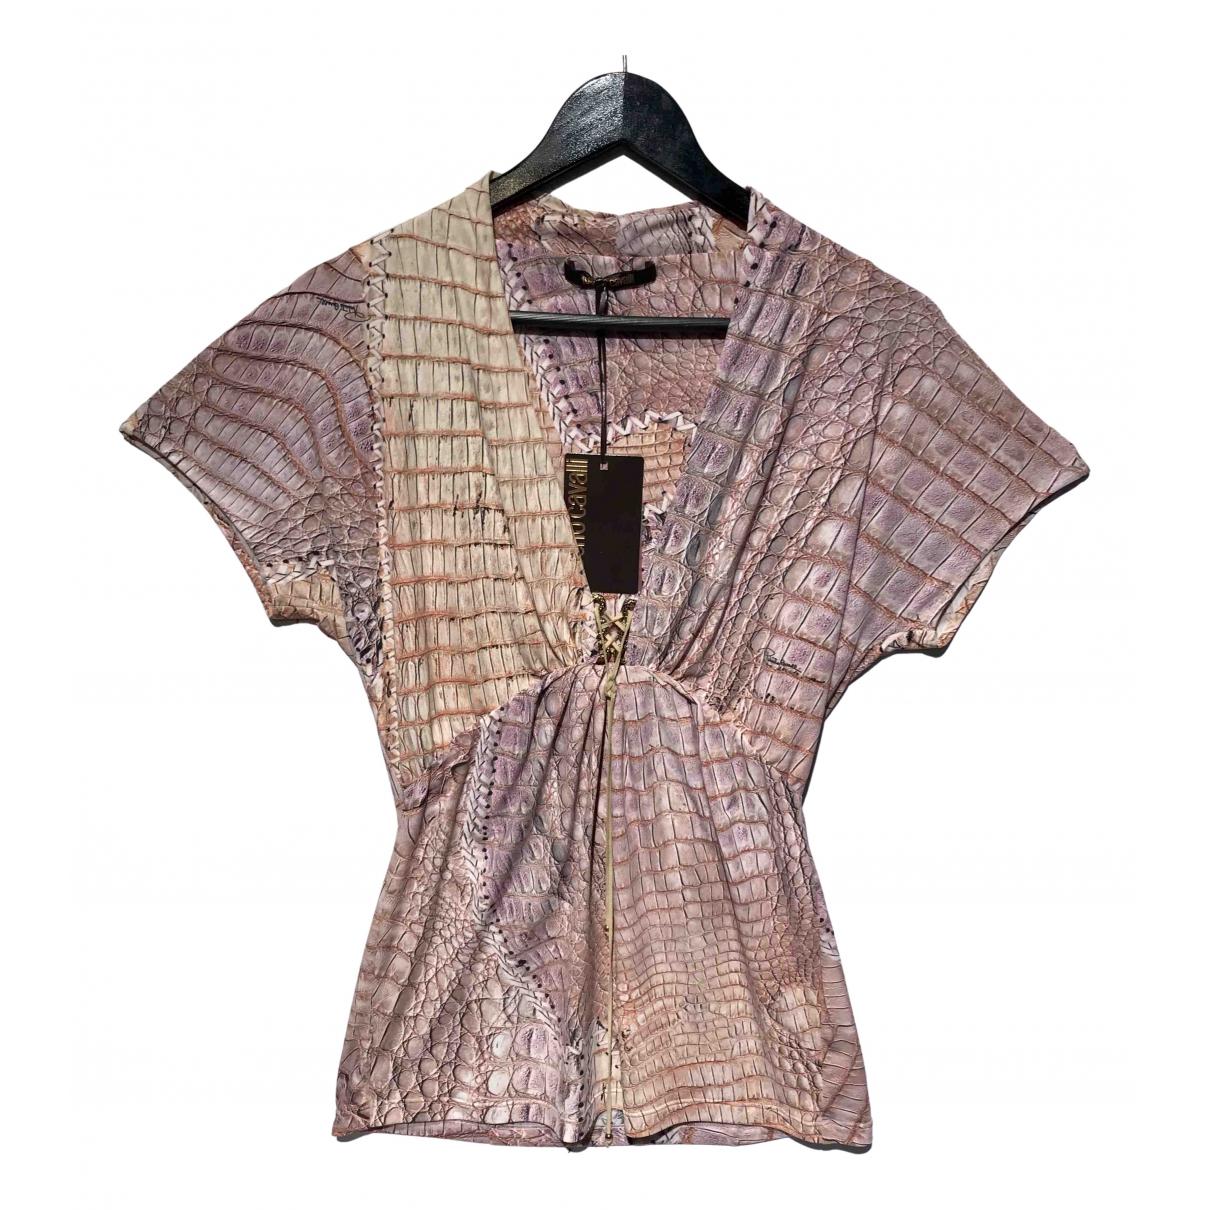 Roberto Cavalli \N Pink  top for Women 46 IT